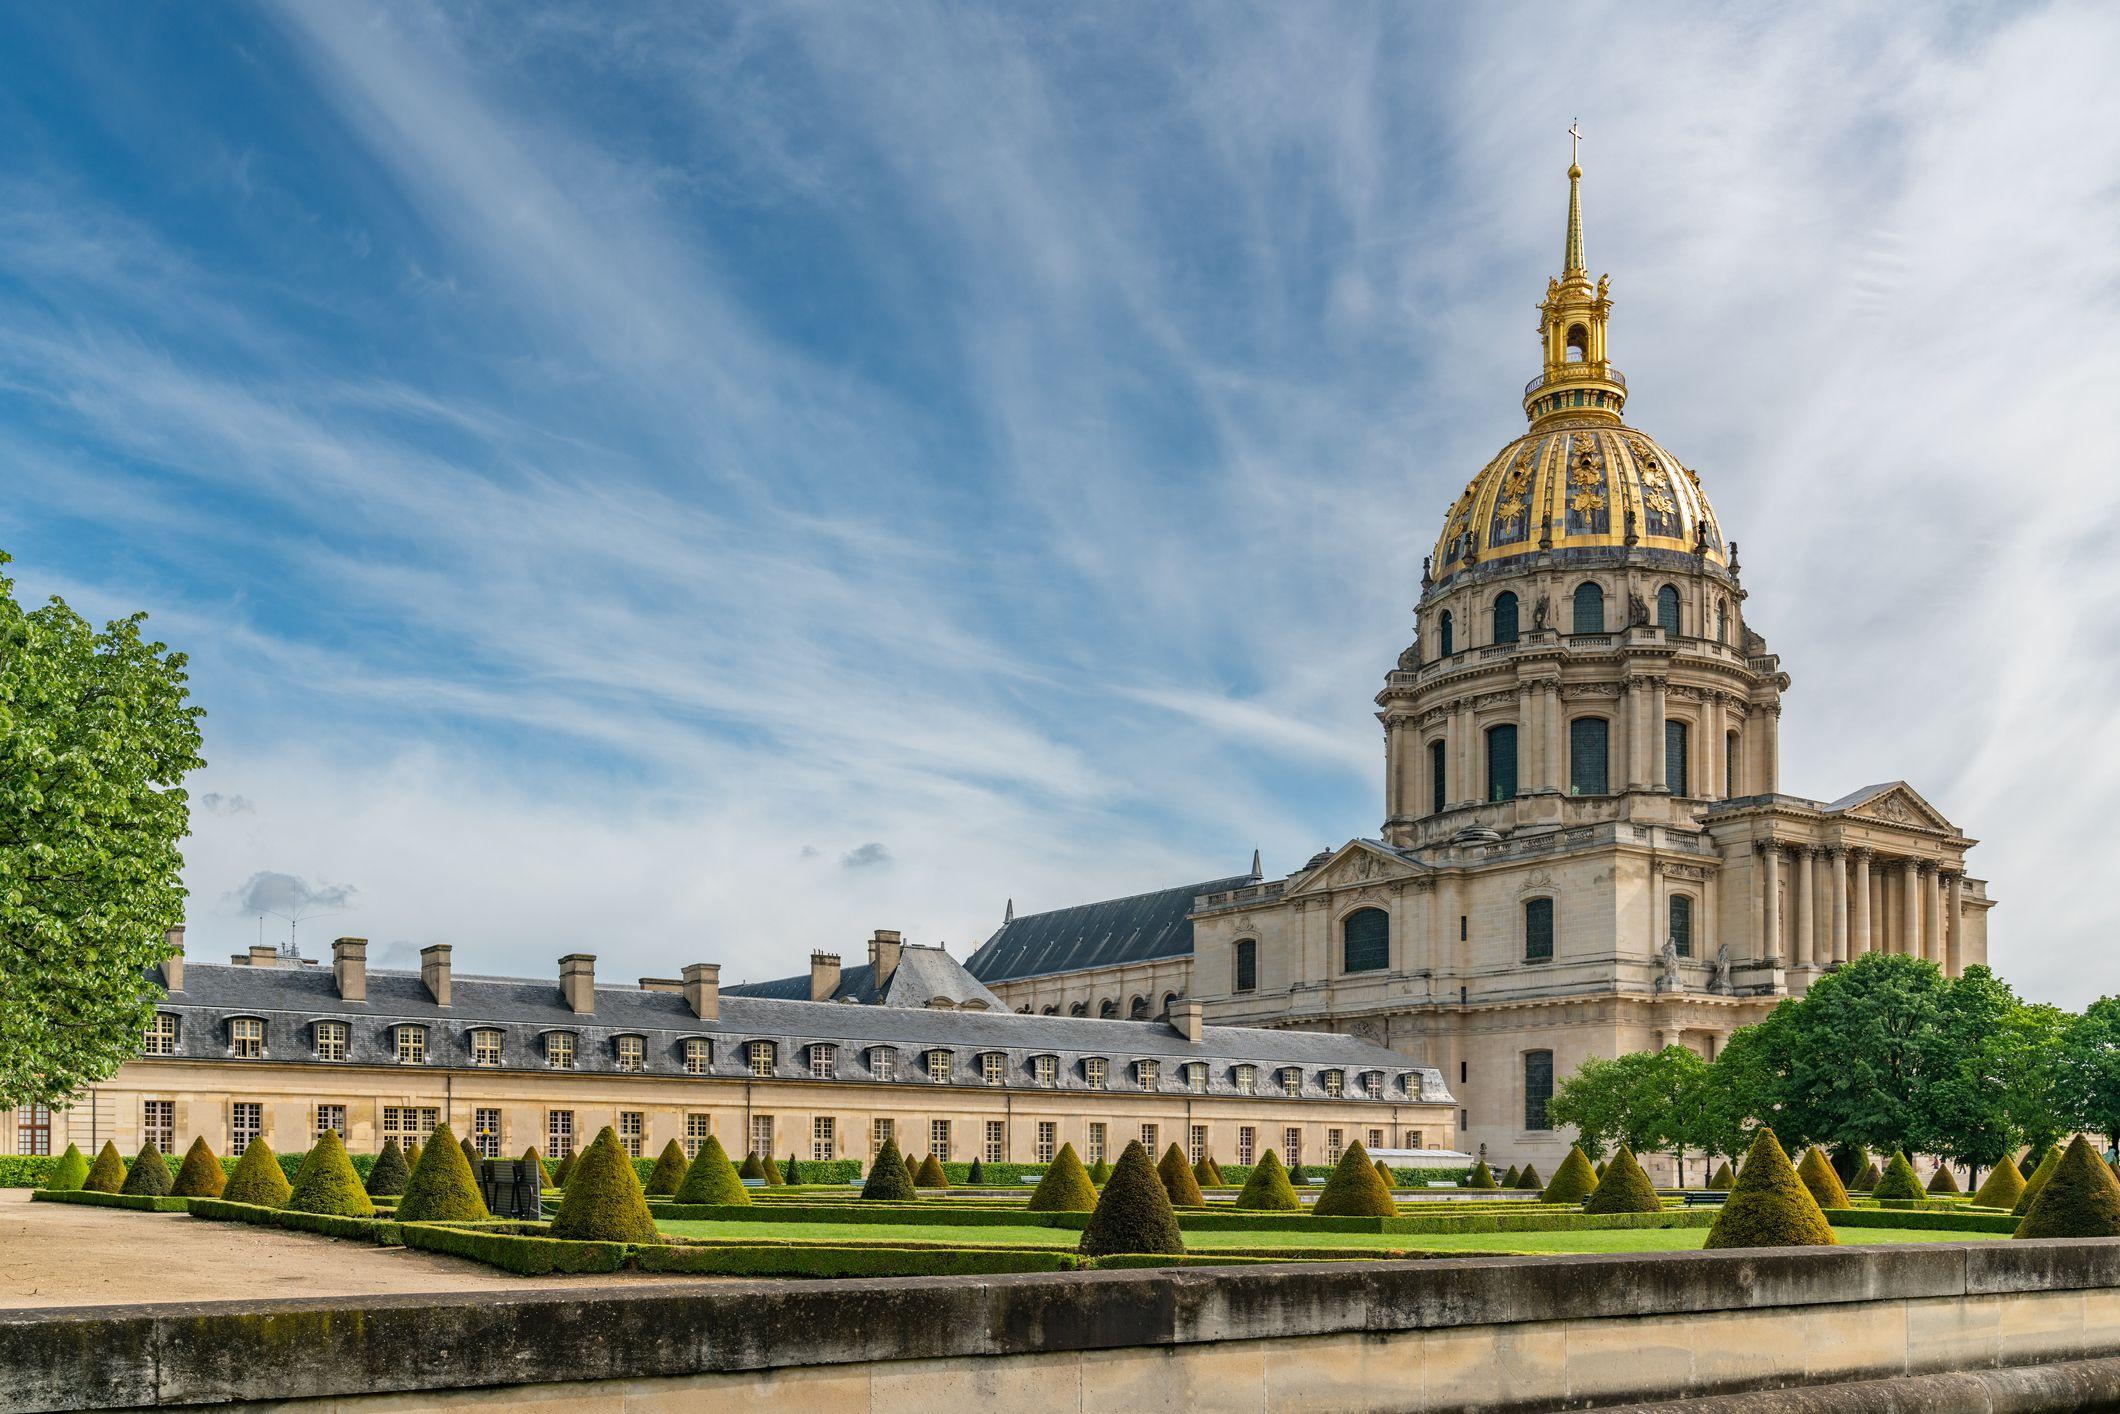 Style De Veranda Moderne best museums in paris - famous art collections in paris